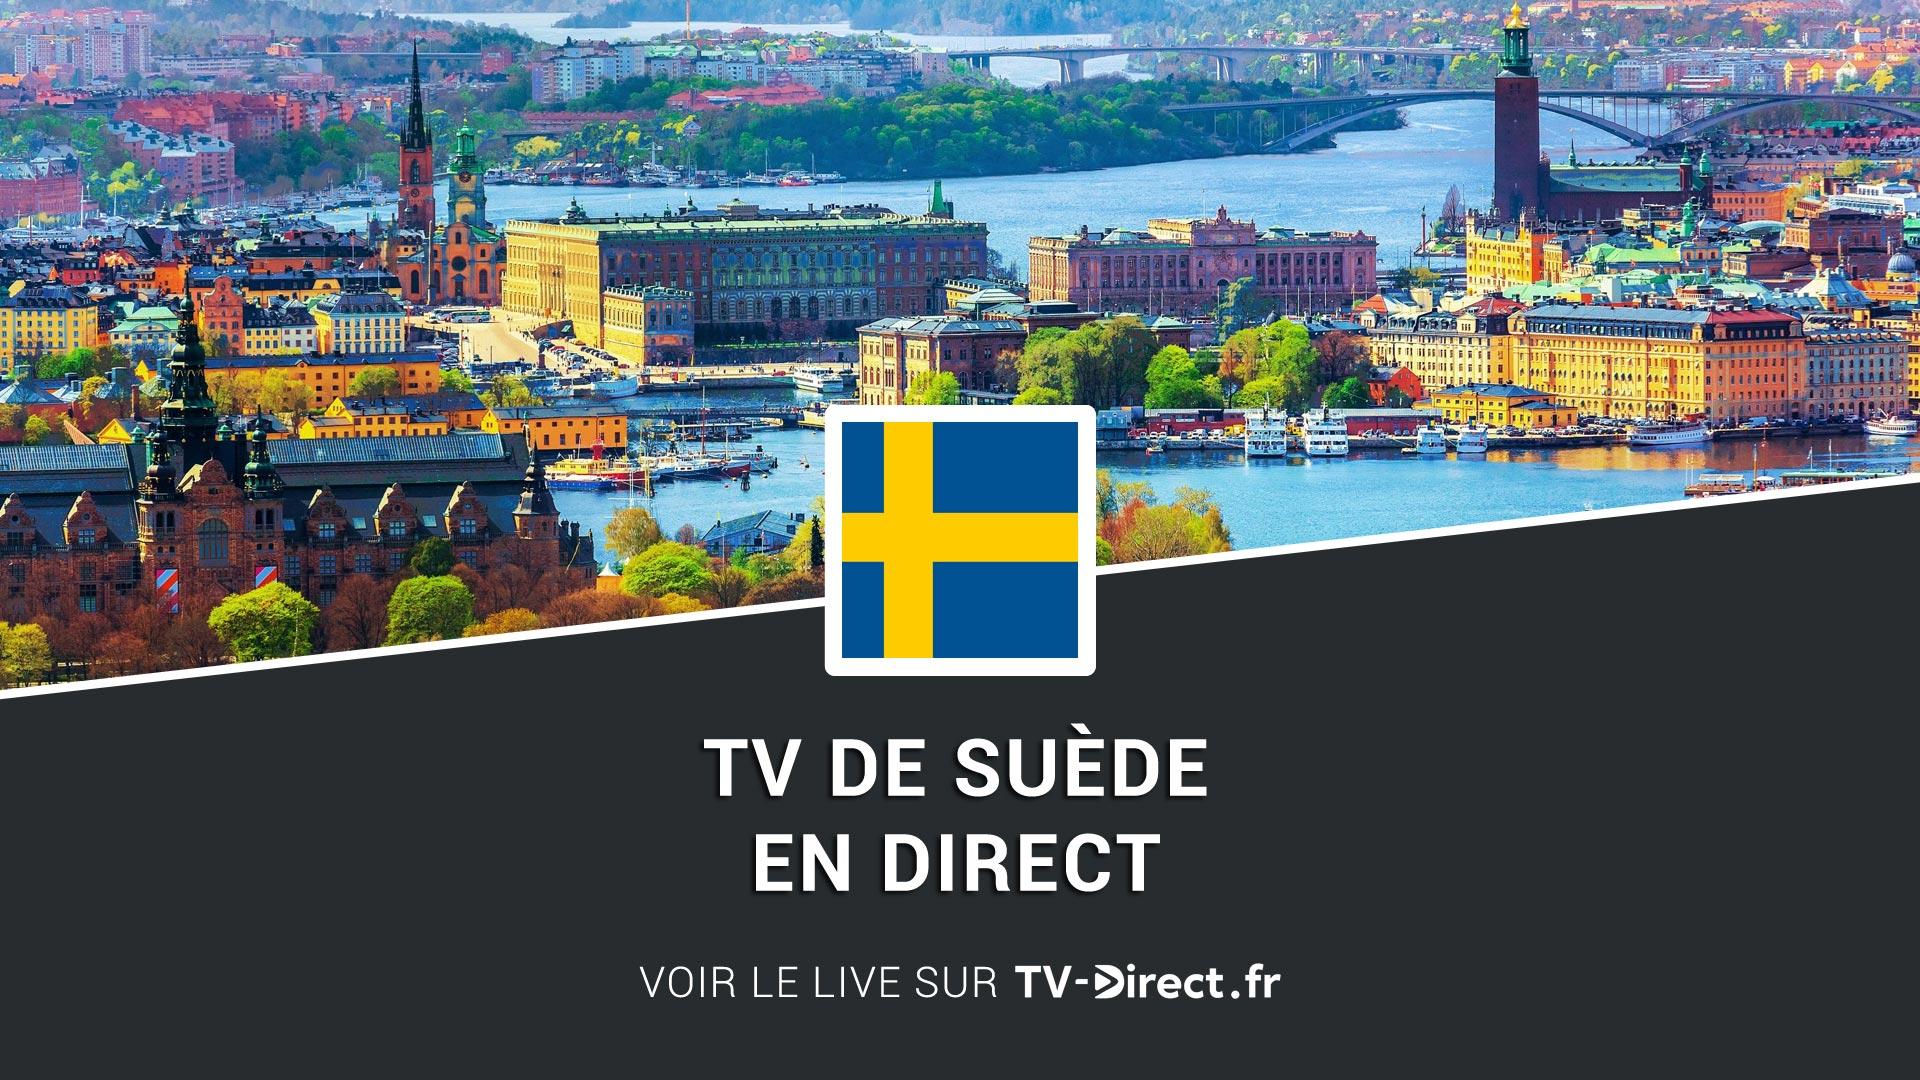 BFM TV : chaine de télévision pour regarder la télé en direct sur son ordinateur, sa tablette ou son smartphone. Gratuit et simple à utiliser.